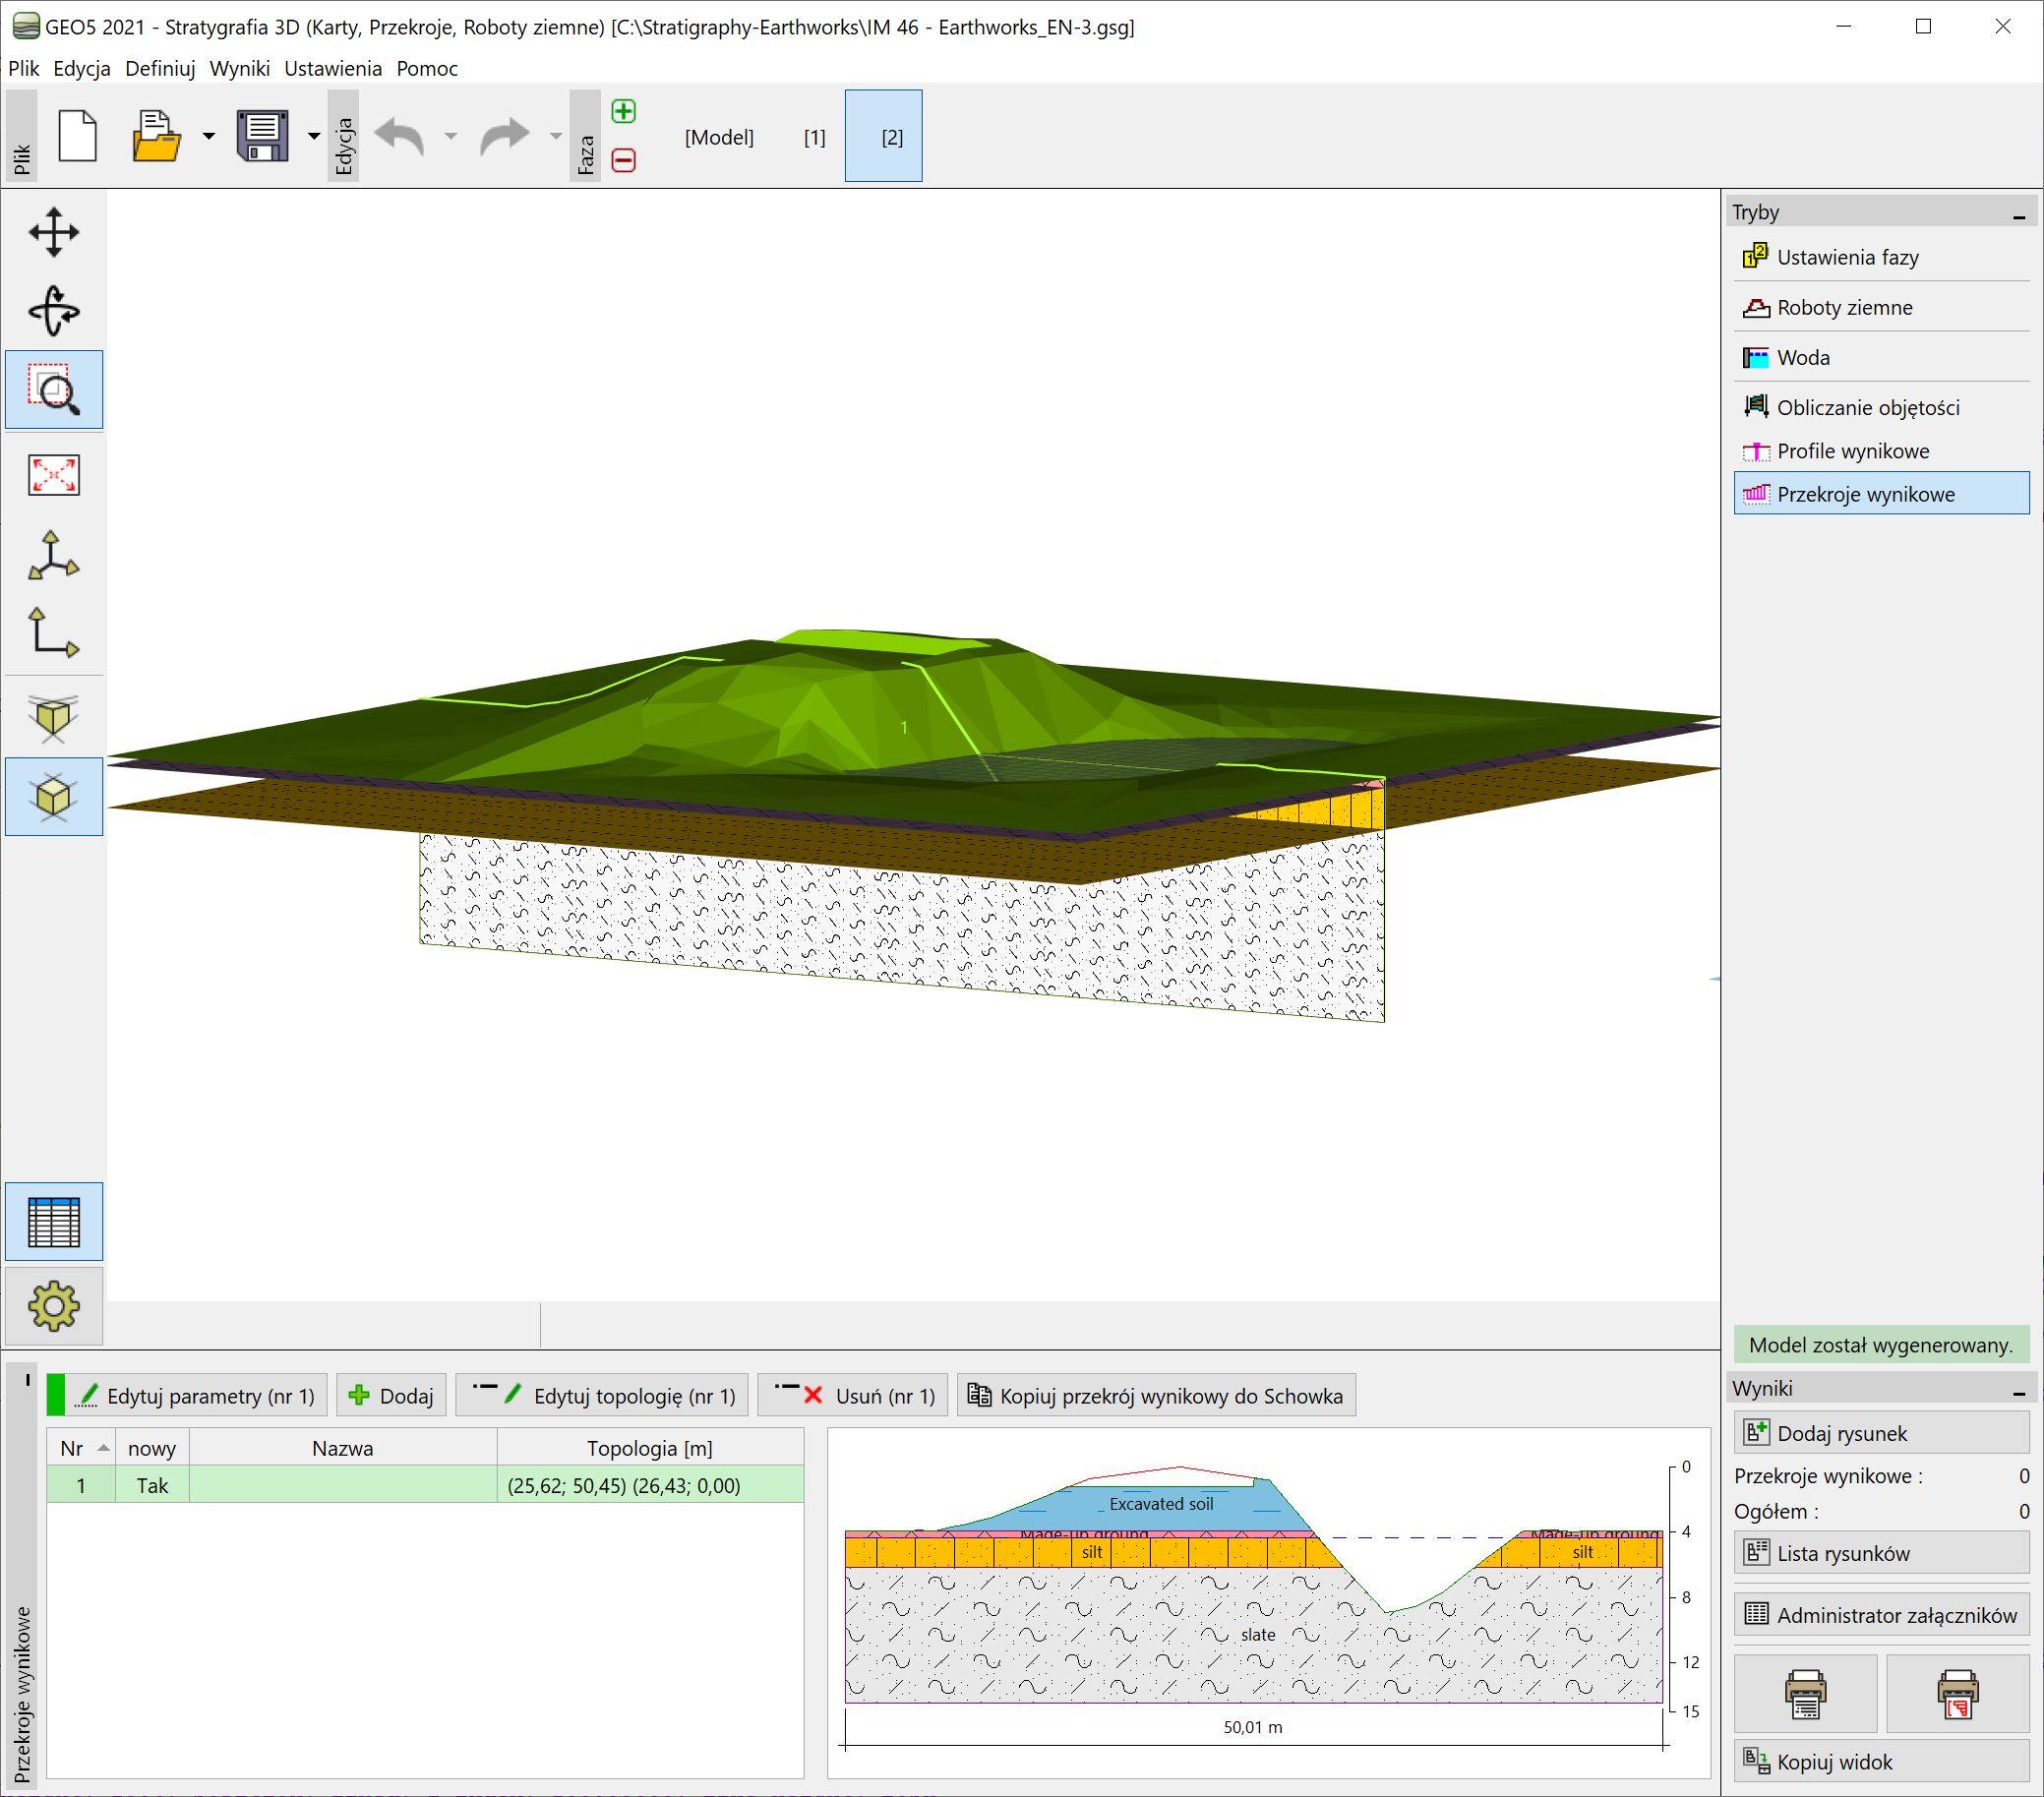 Stratygrafia 3D – Roboty ziemne : Transfer danych do innych programów